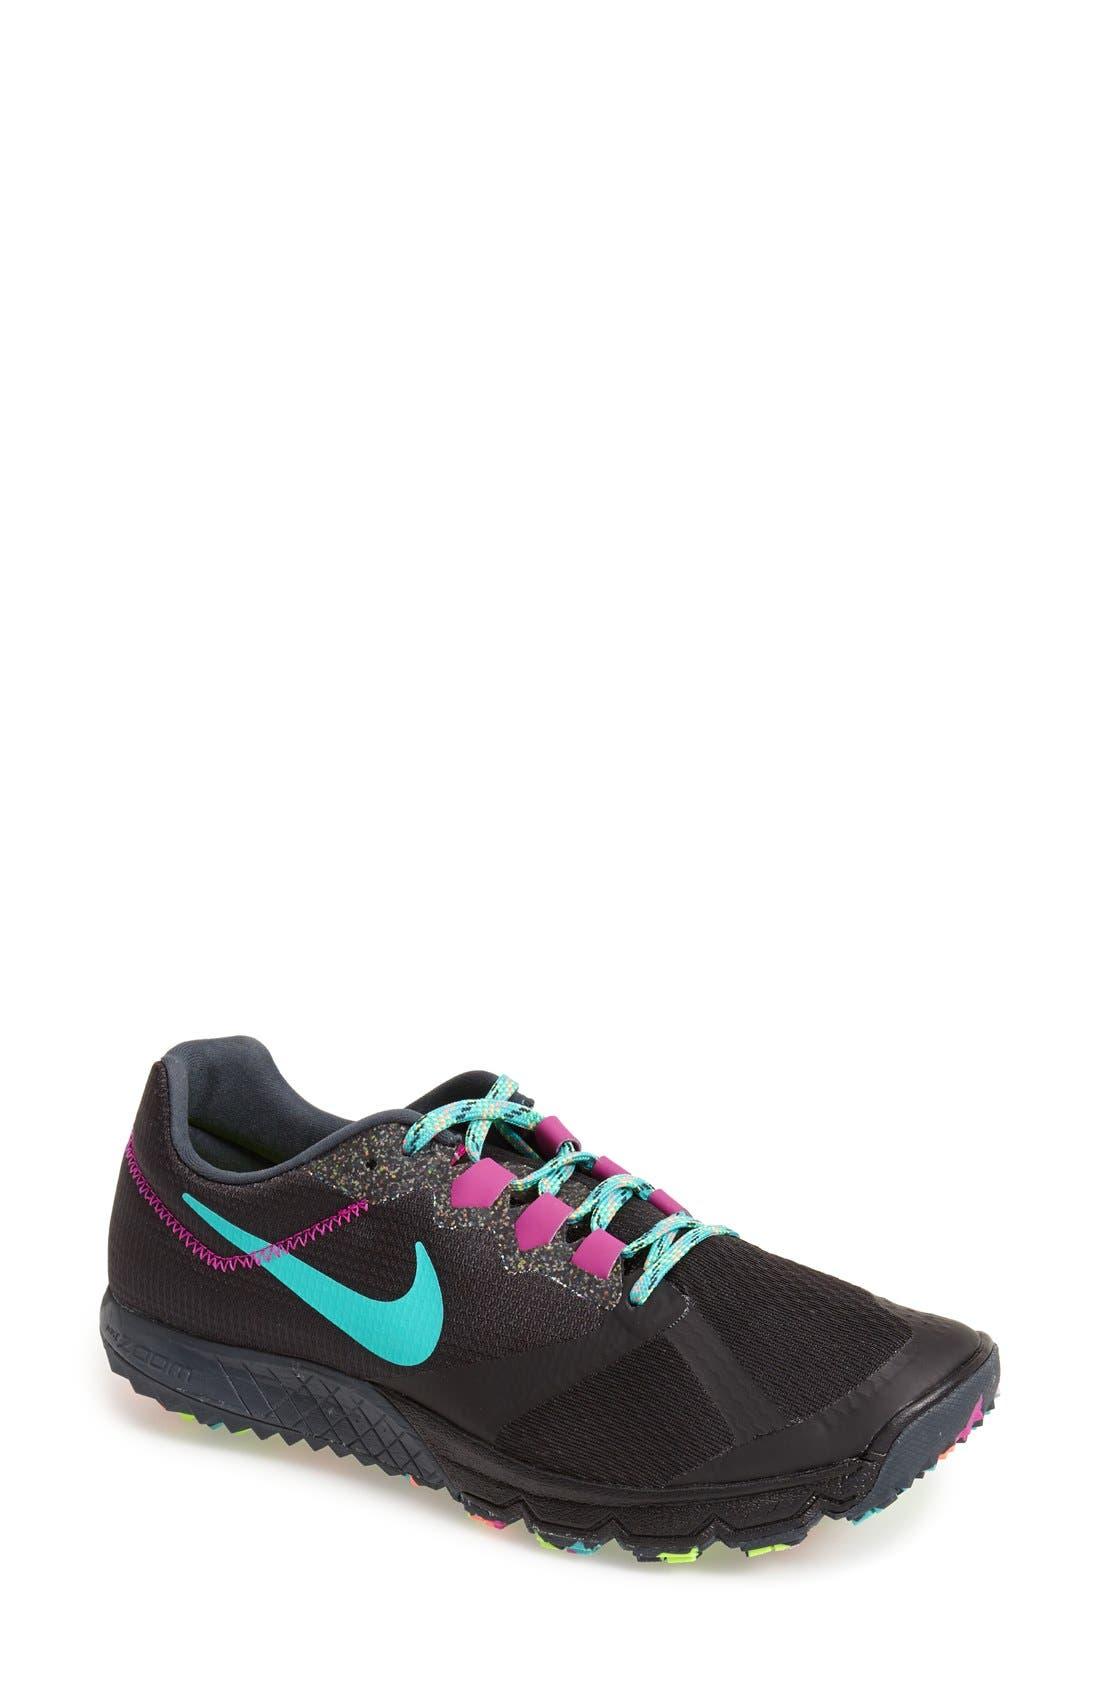 Main Image - Nike 'Zoom Wildhorse 2' Running Shoe (Women)